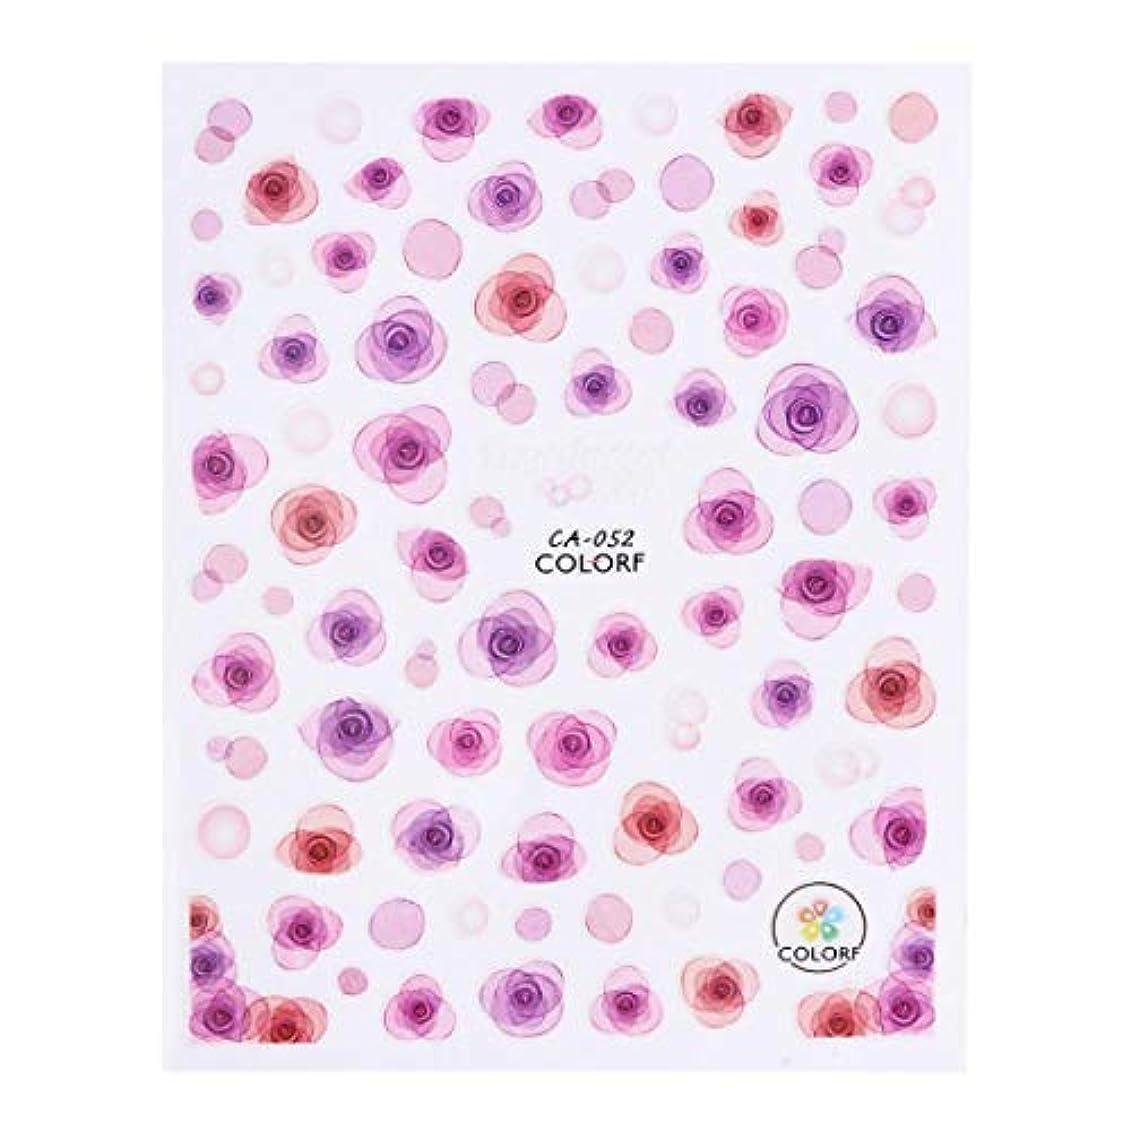 喉が渇いた鍔語SUKTI&XIAO ネイルステッカー 1ピース半透明の花びら3Dステッカーネイルデザインマニキュア箔の美しいバラの花のデカールネイルのヒント、Ca052